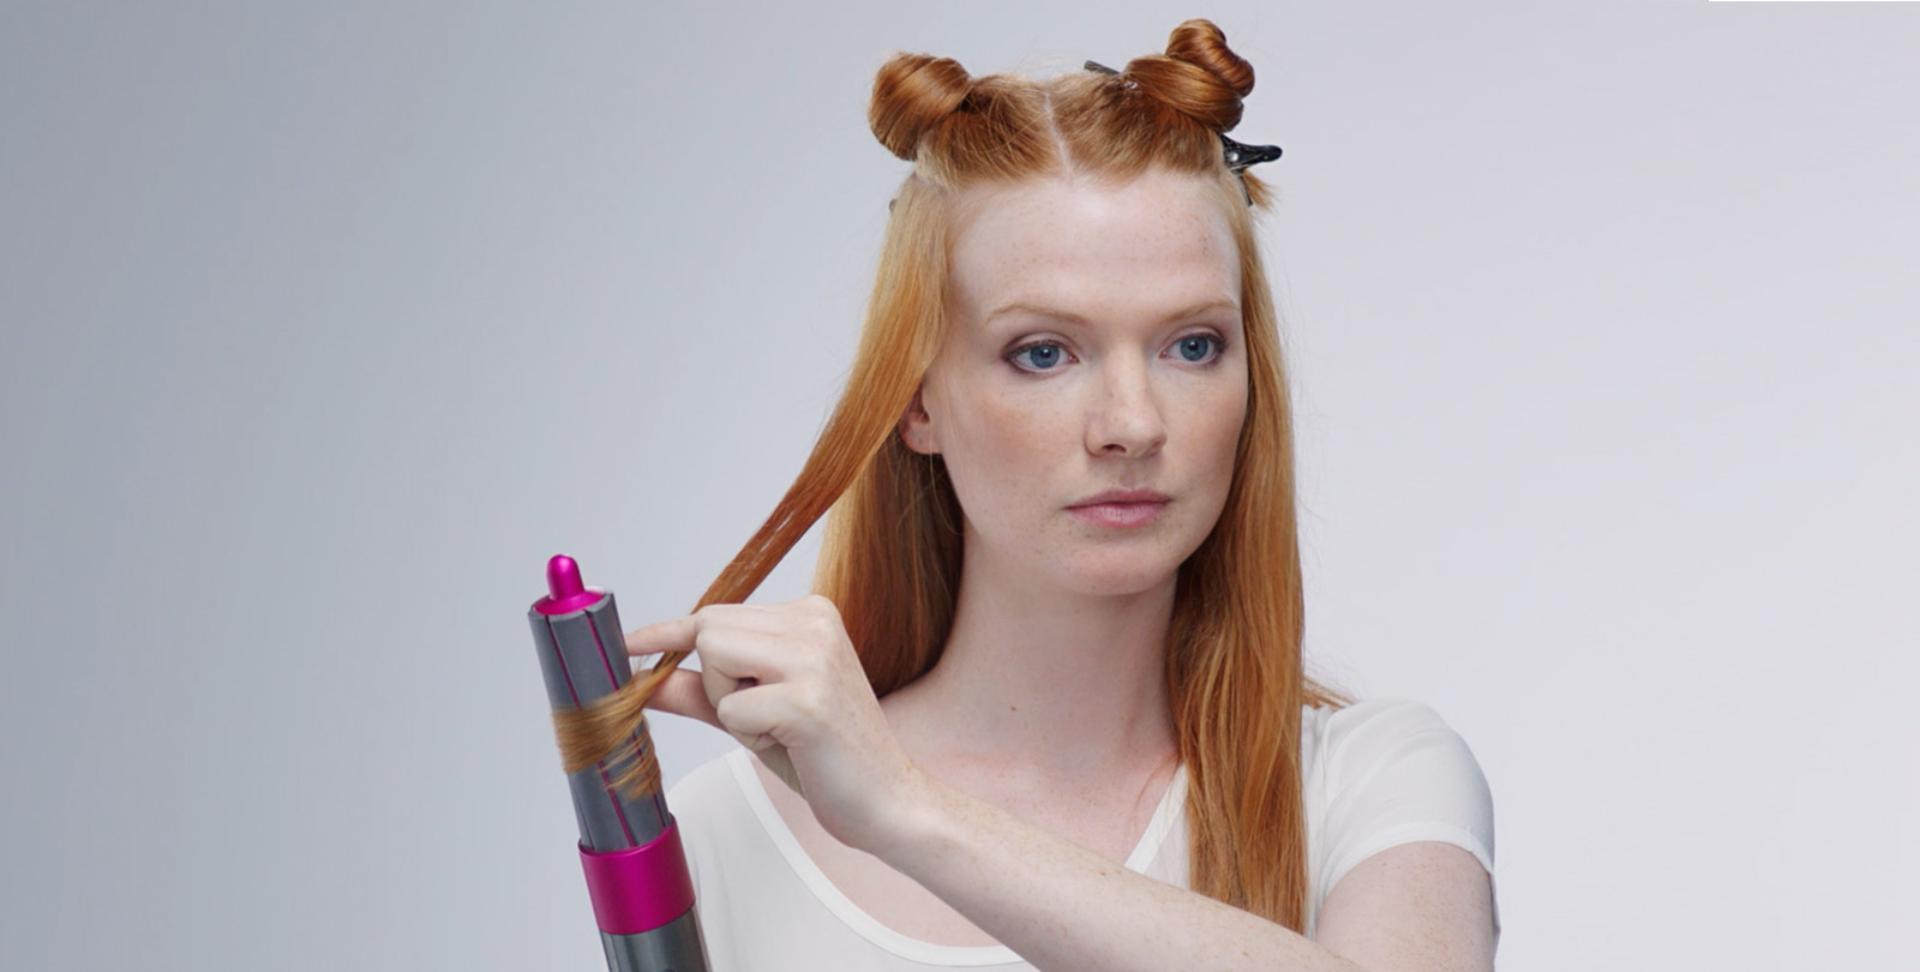 נגן את הסרטון:חלוקת השיער למקטעים